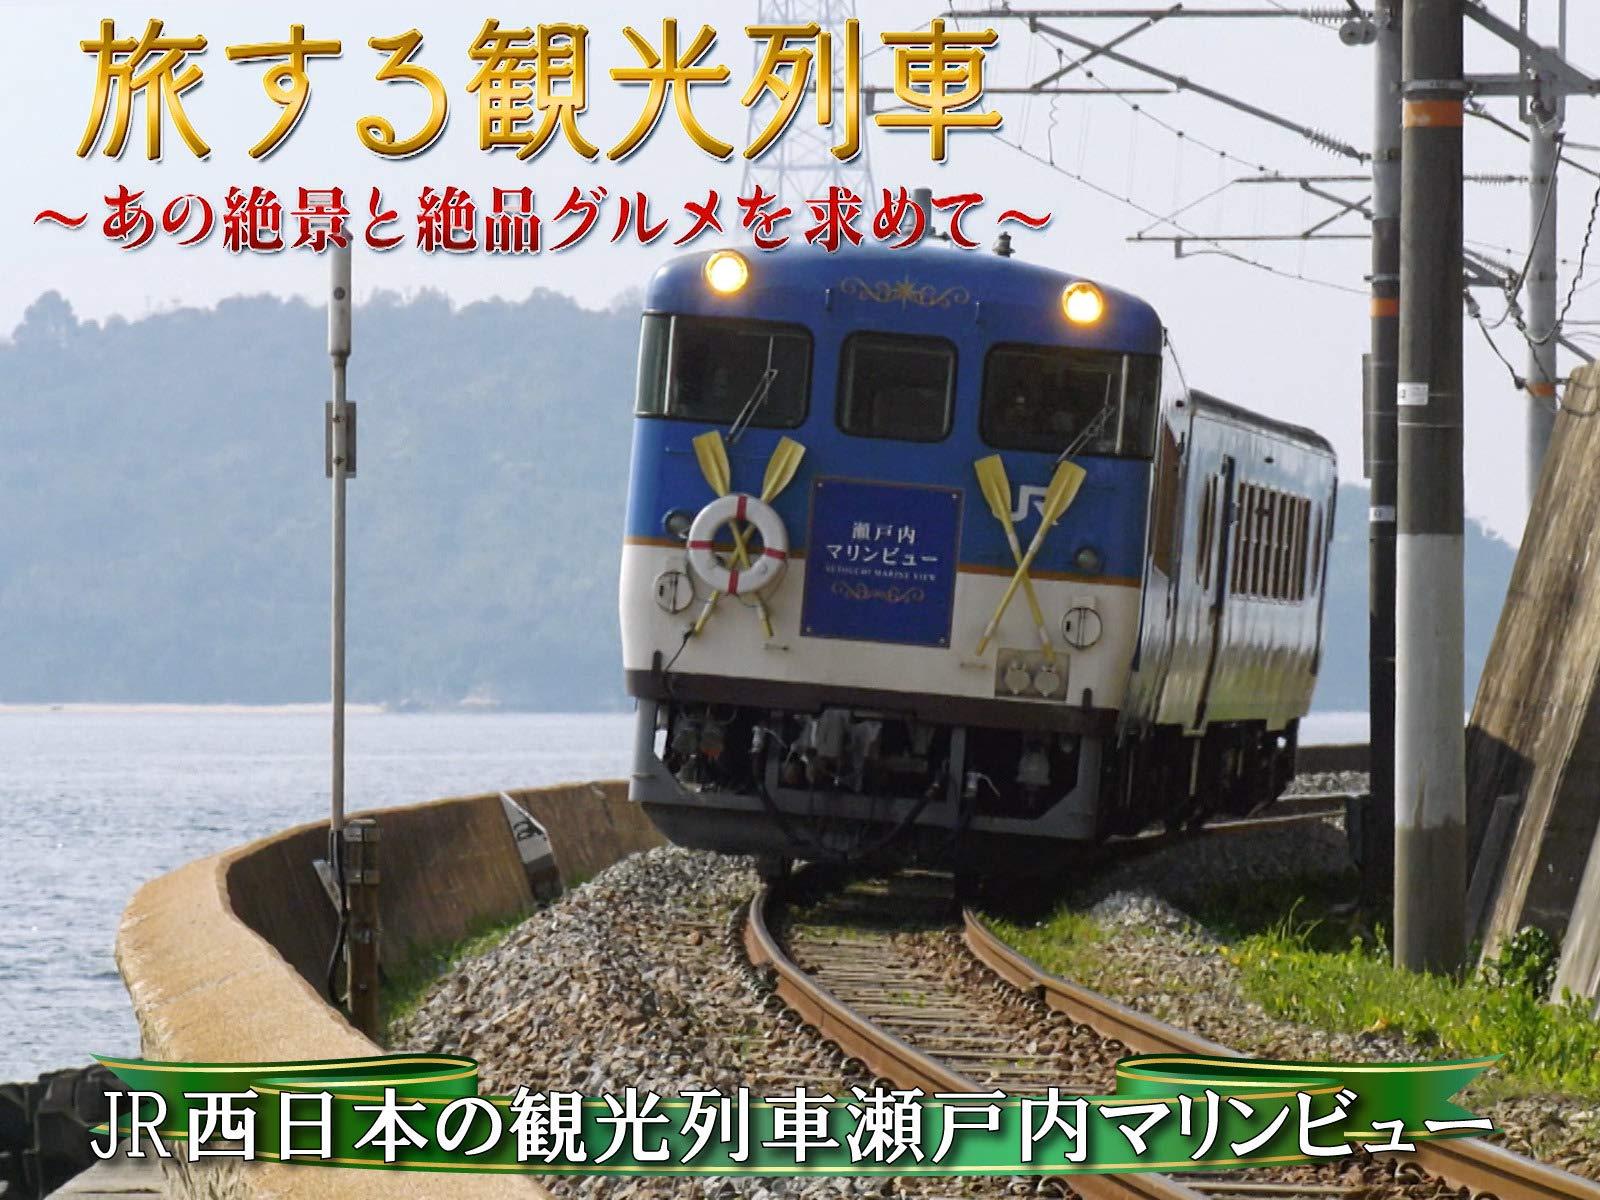 列車 観光 jr 四国 ご予約について|観光列車「伊予灘ものがたり」